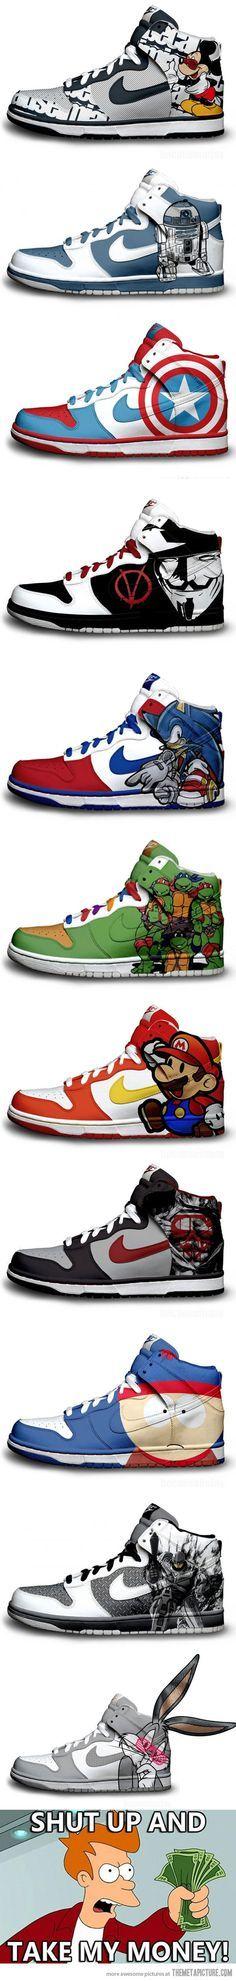 Geeky #Nike Sneakers ---- Uno de esos me gustan muchoooo!!